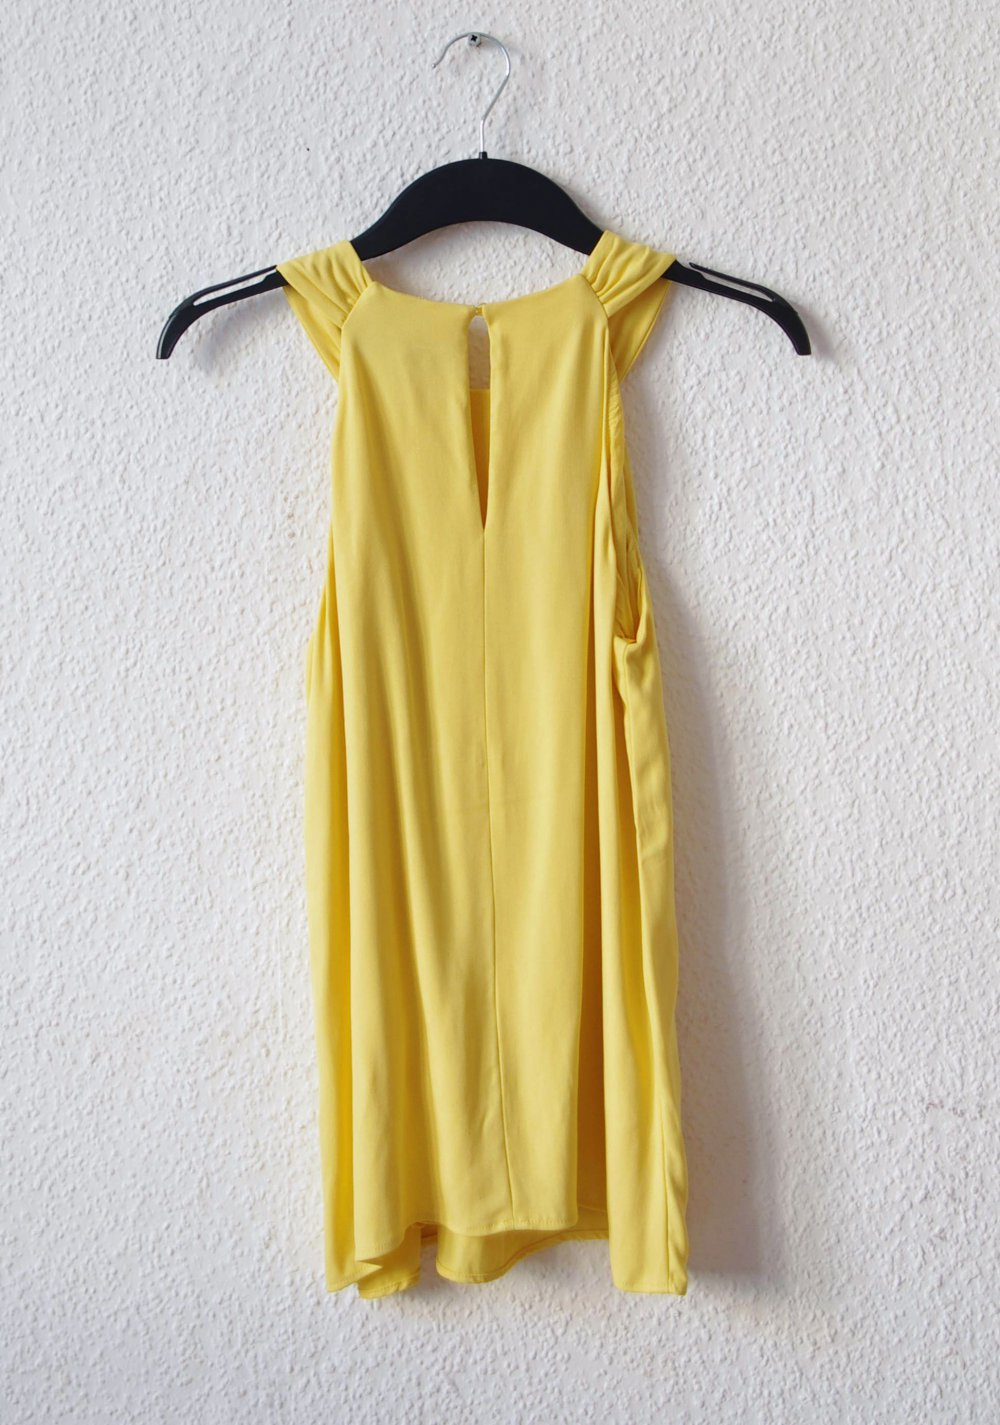 Elegantes schulterfreies Hallhuber Top Gr. S 18 18 zitronengelb Cutout Bluse